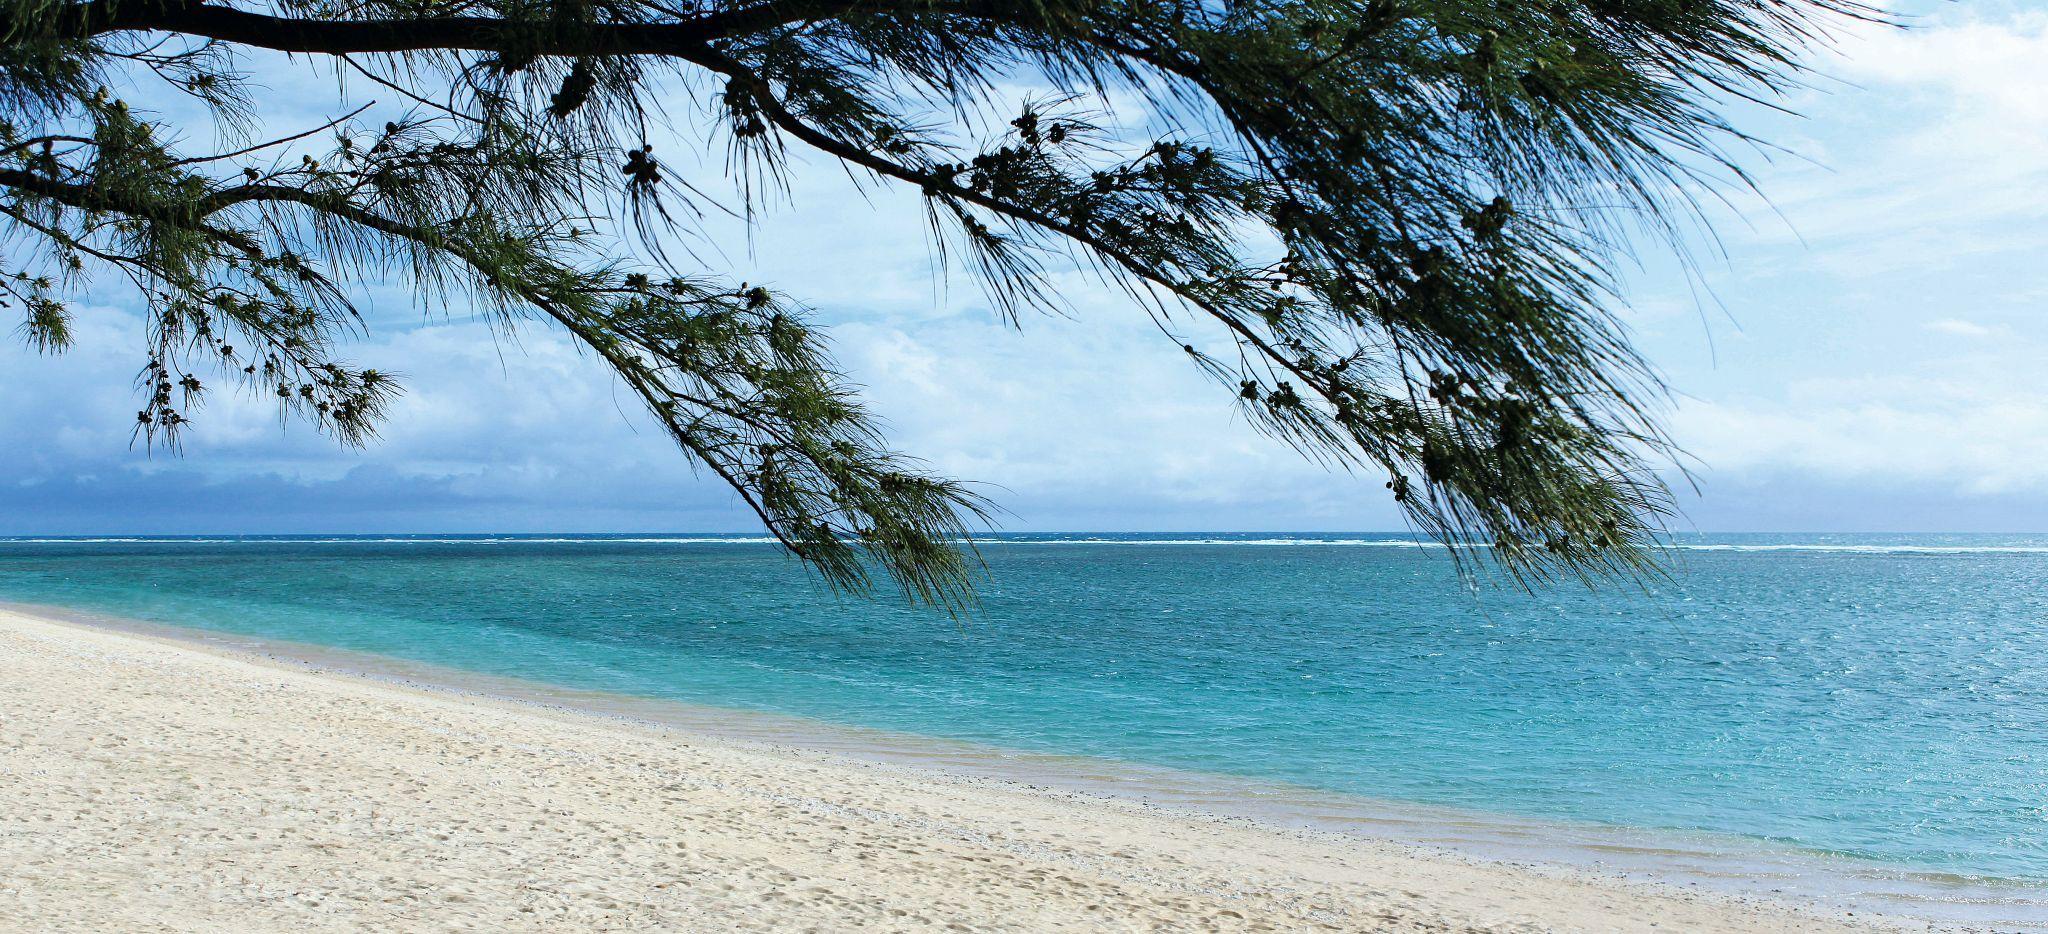 Ein Strand mit Laubbaum auf der Insel La Réunion